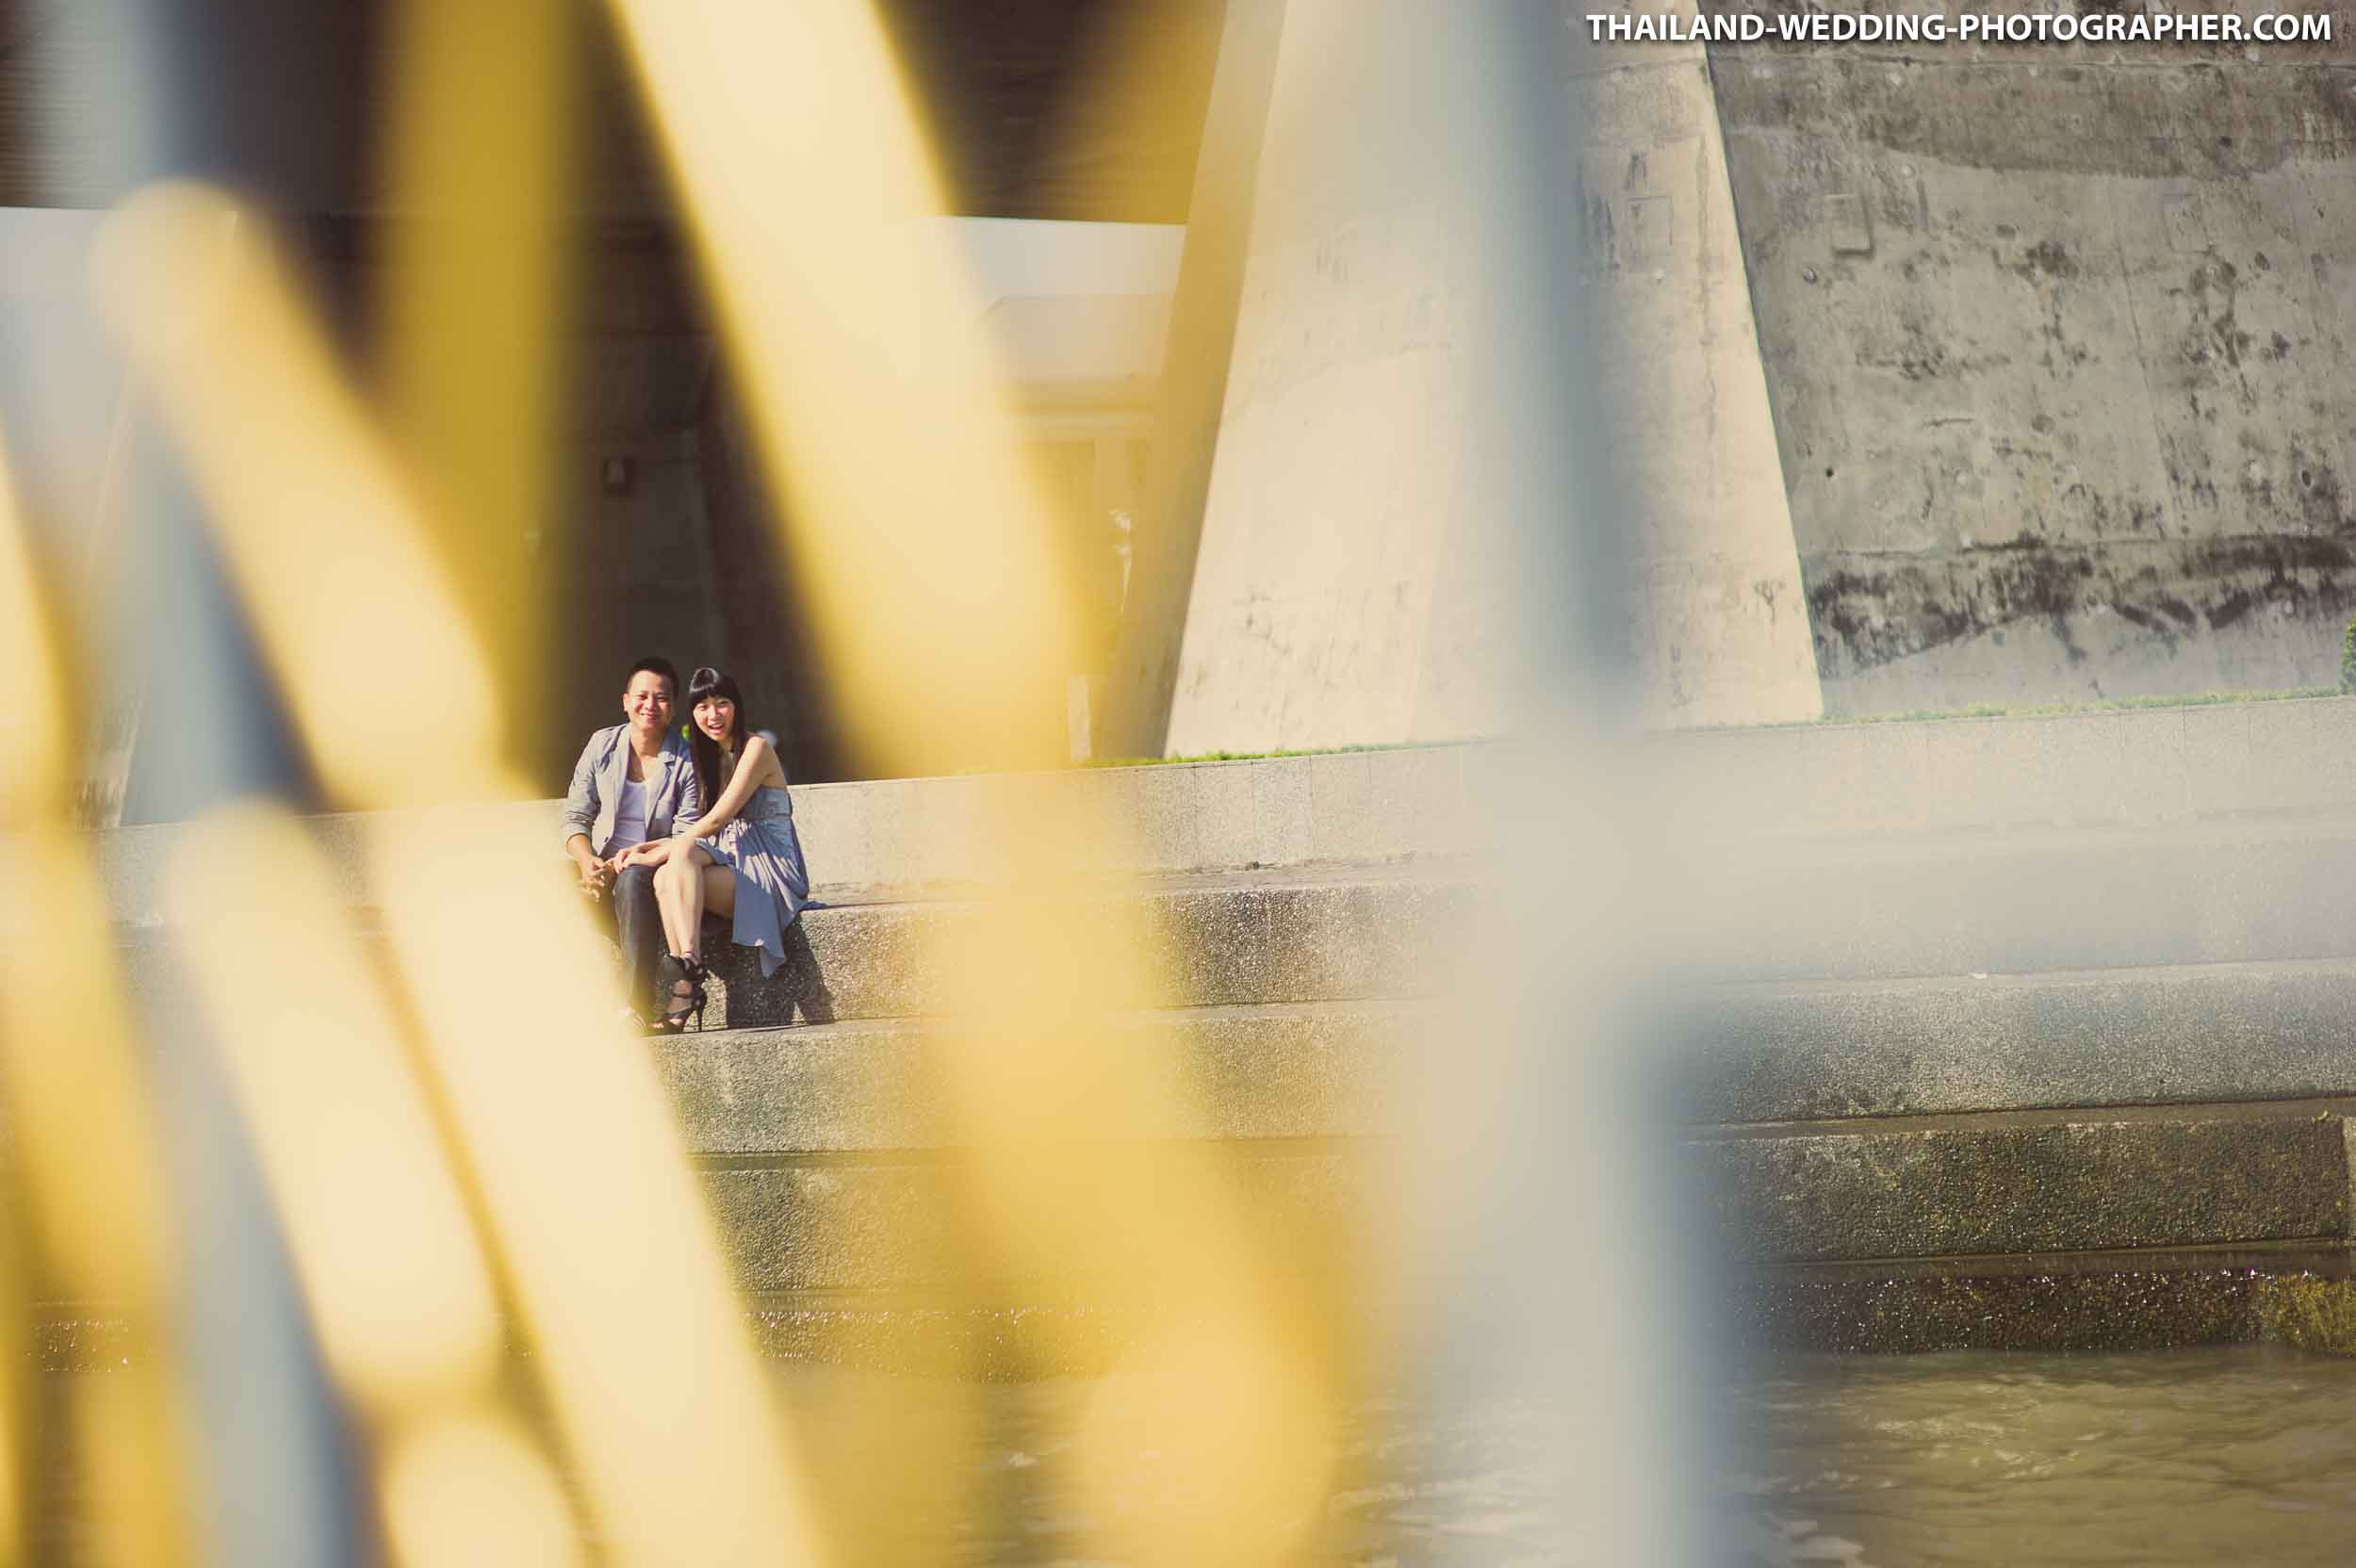 Rama VIII Bridge Bangkok Wedding Photography